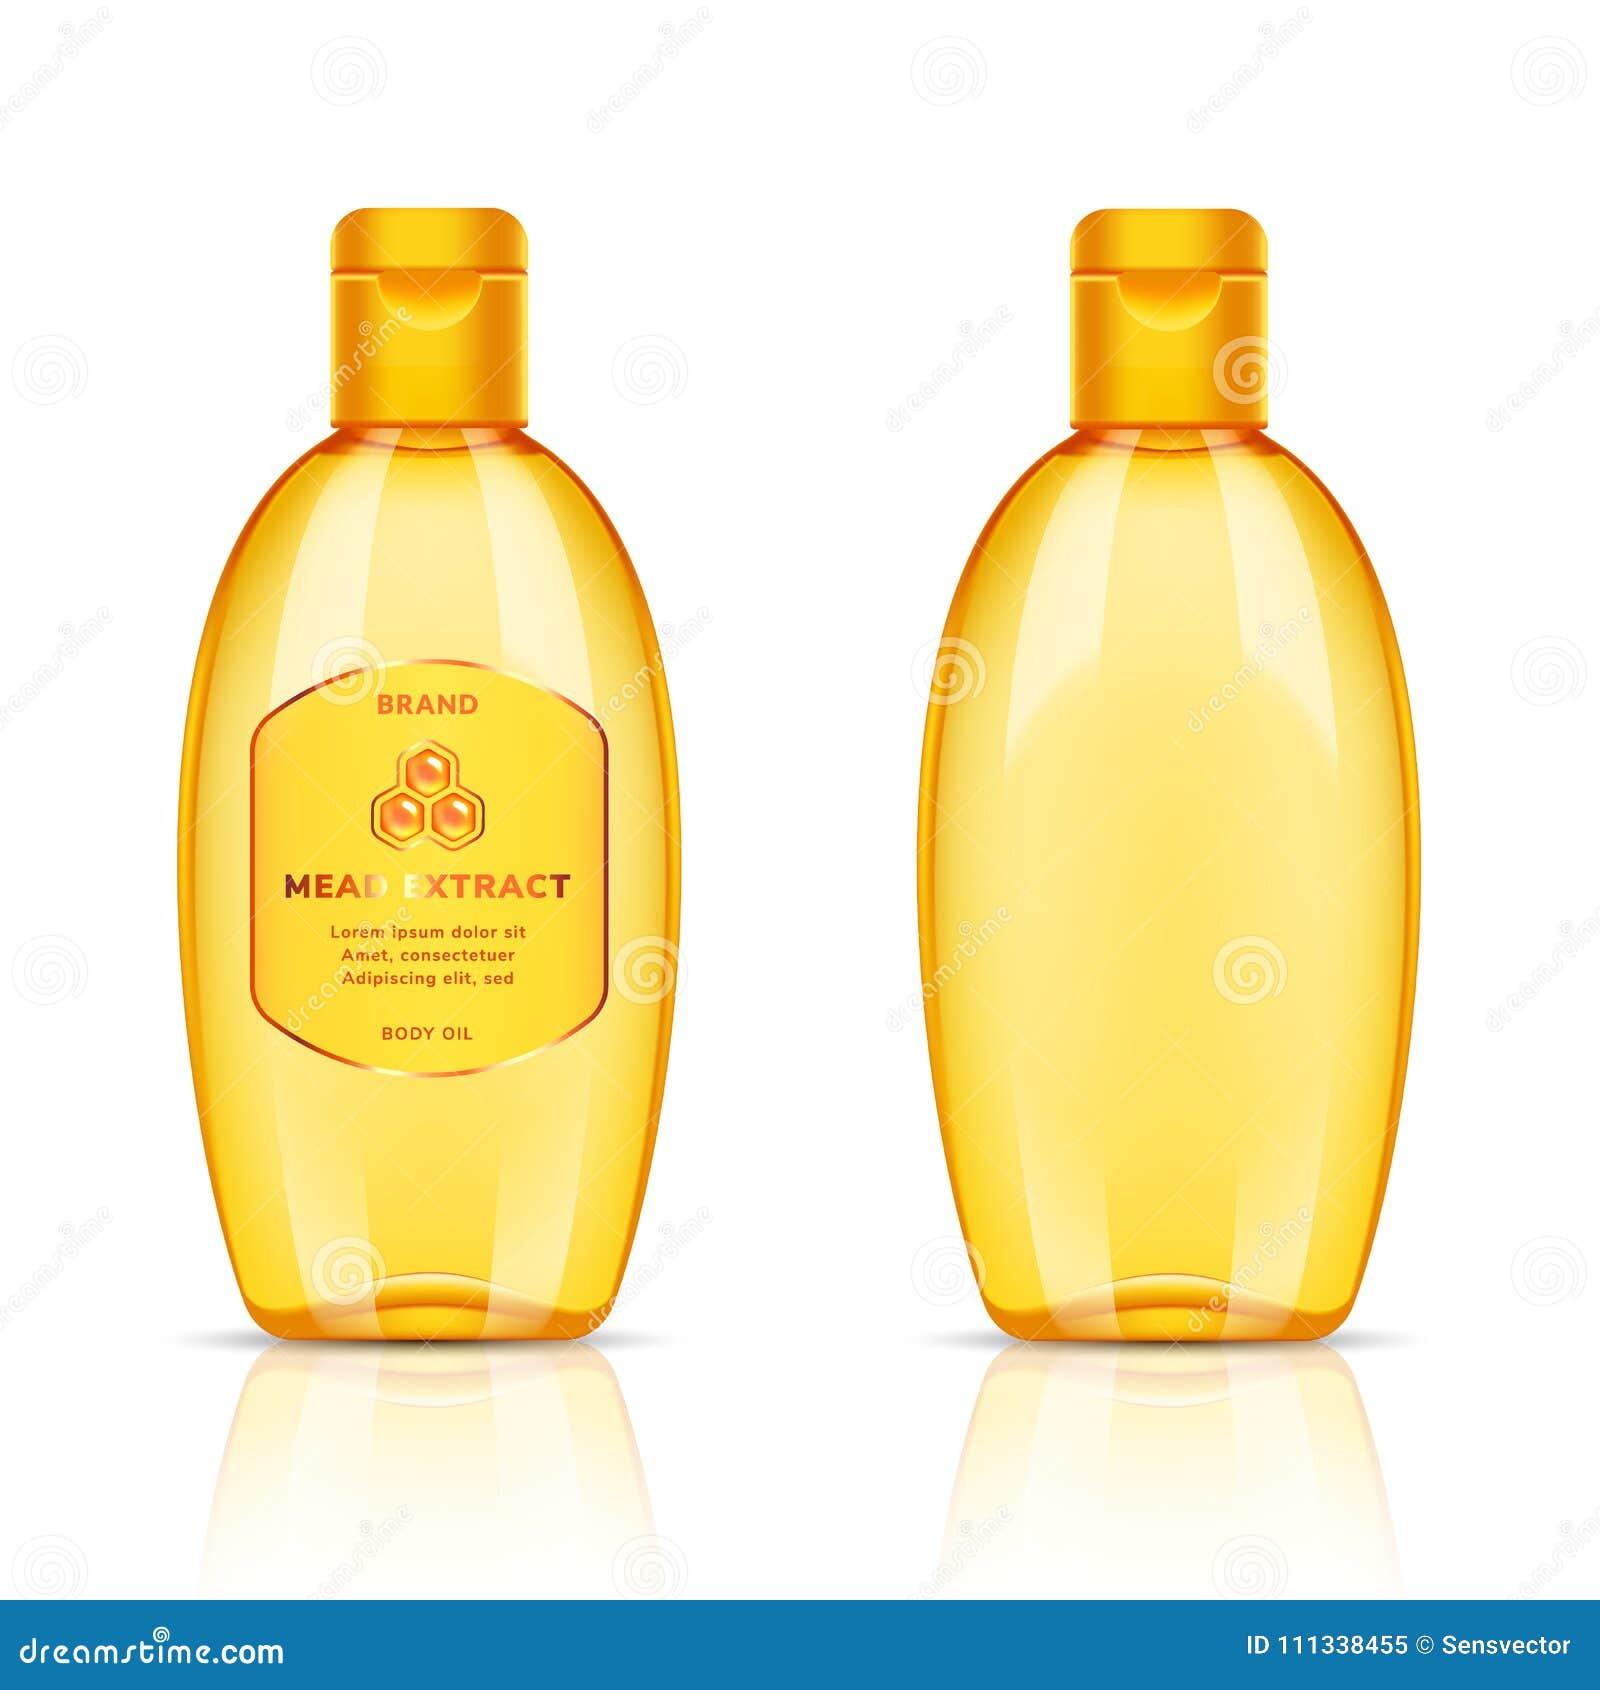 Plastic Golden Transparent Bottle For Body Oil, Shampoo, Soap, Gel